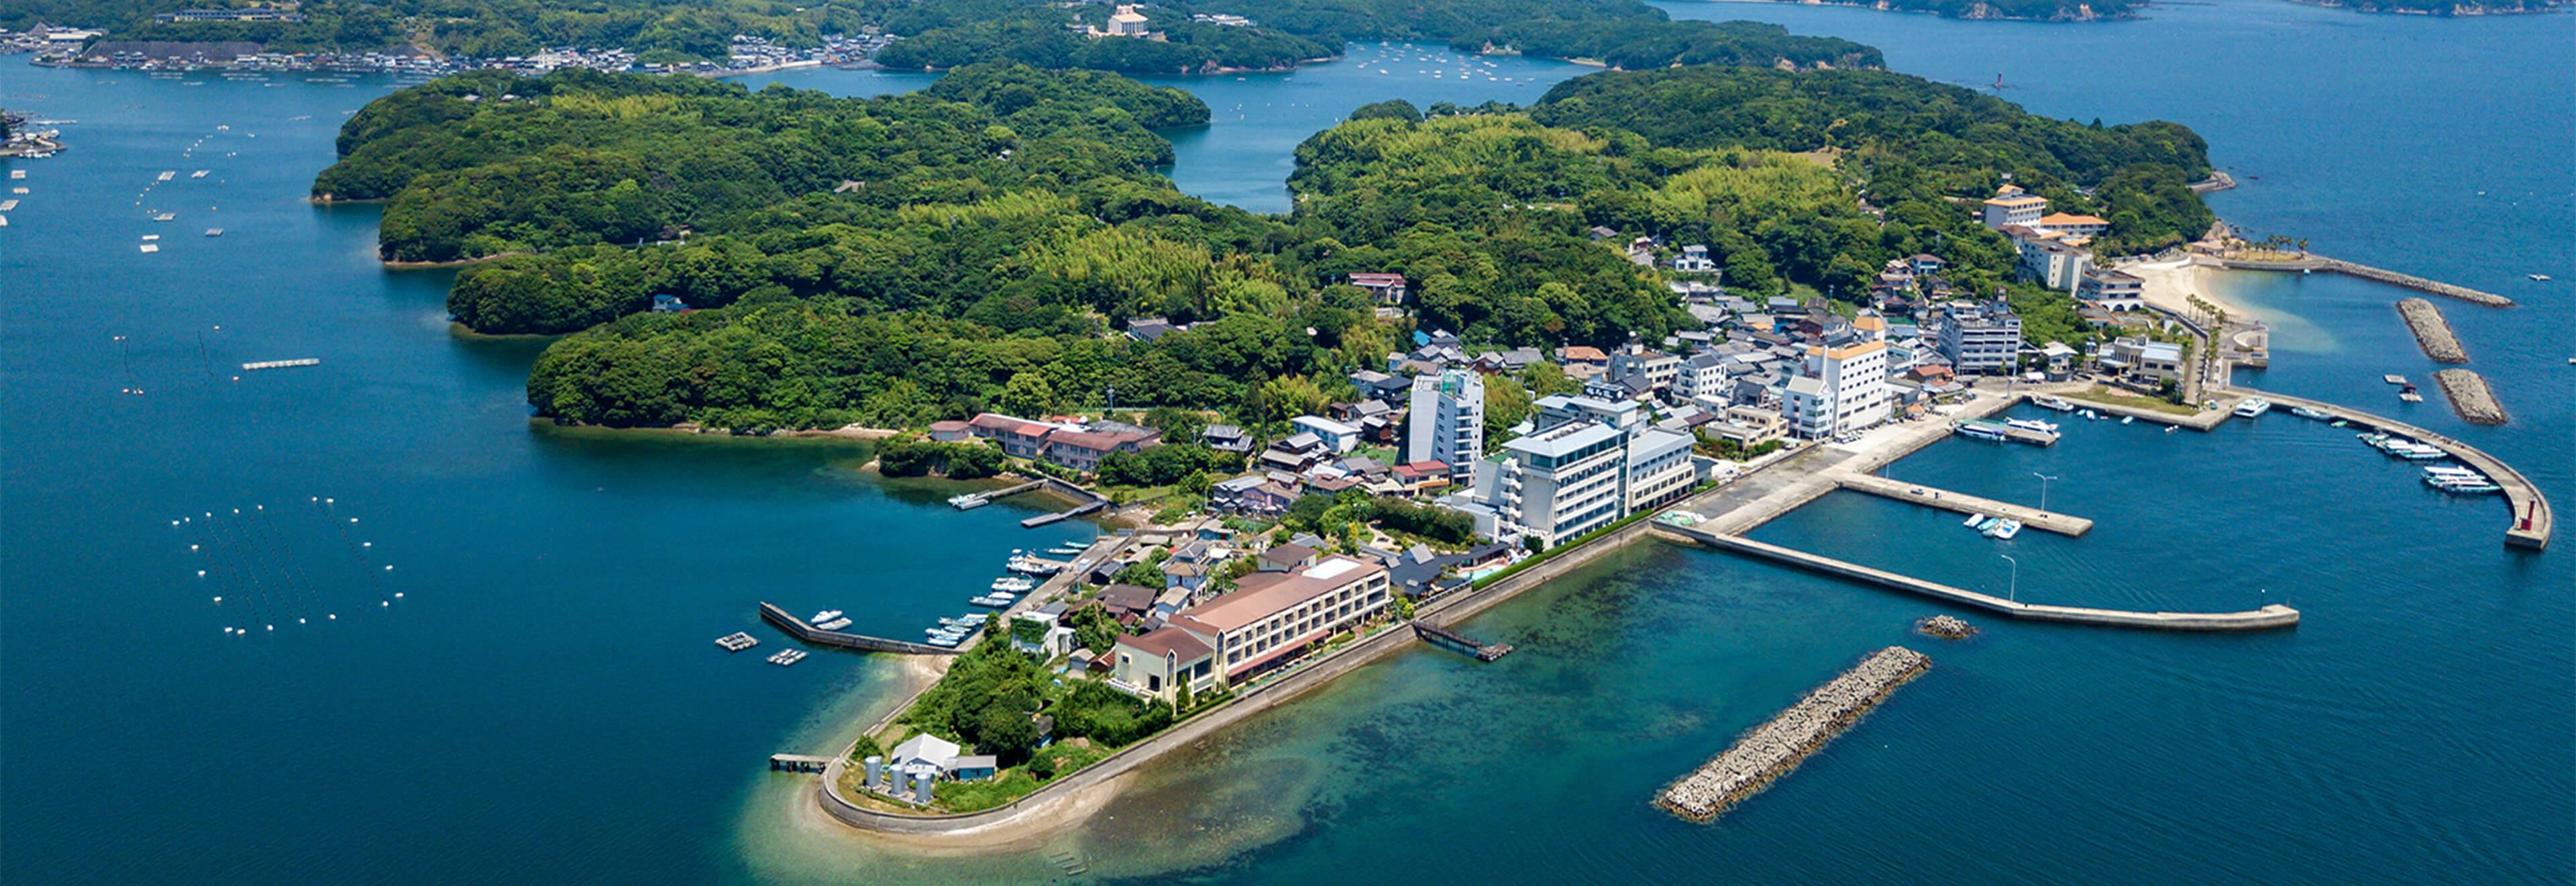 週末気軽に行ける島の宿イメージ